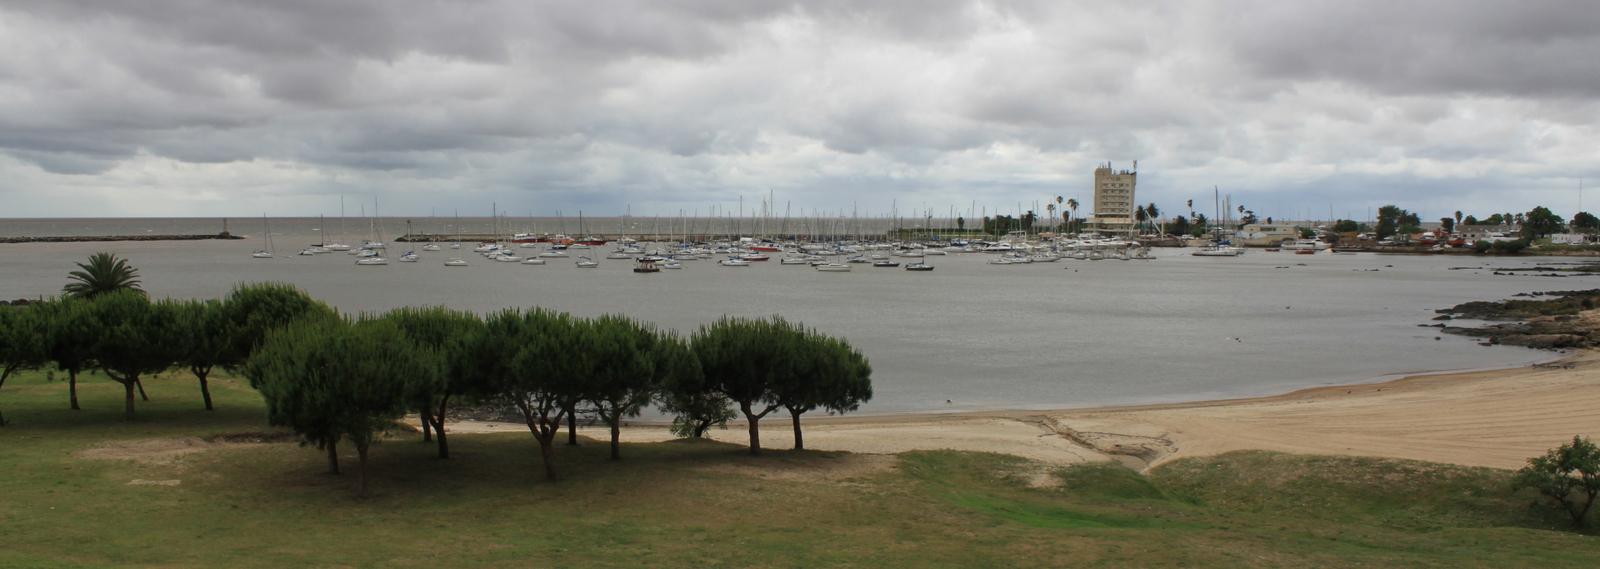 Montevideo, Beach